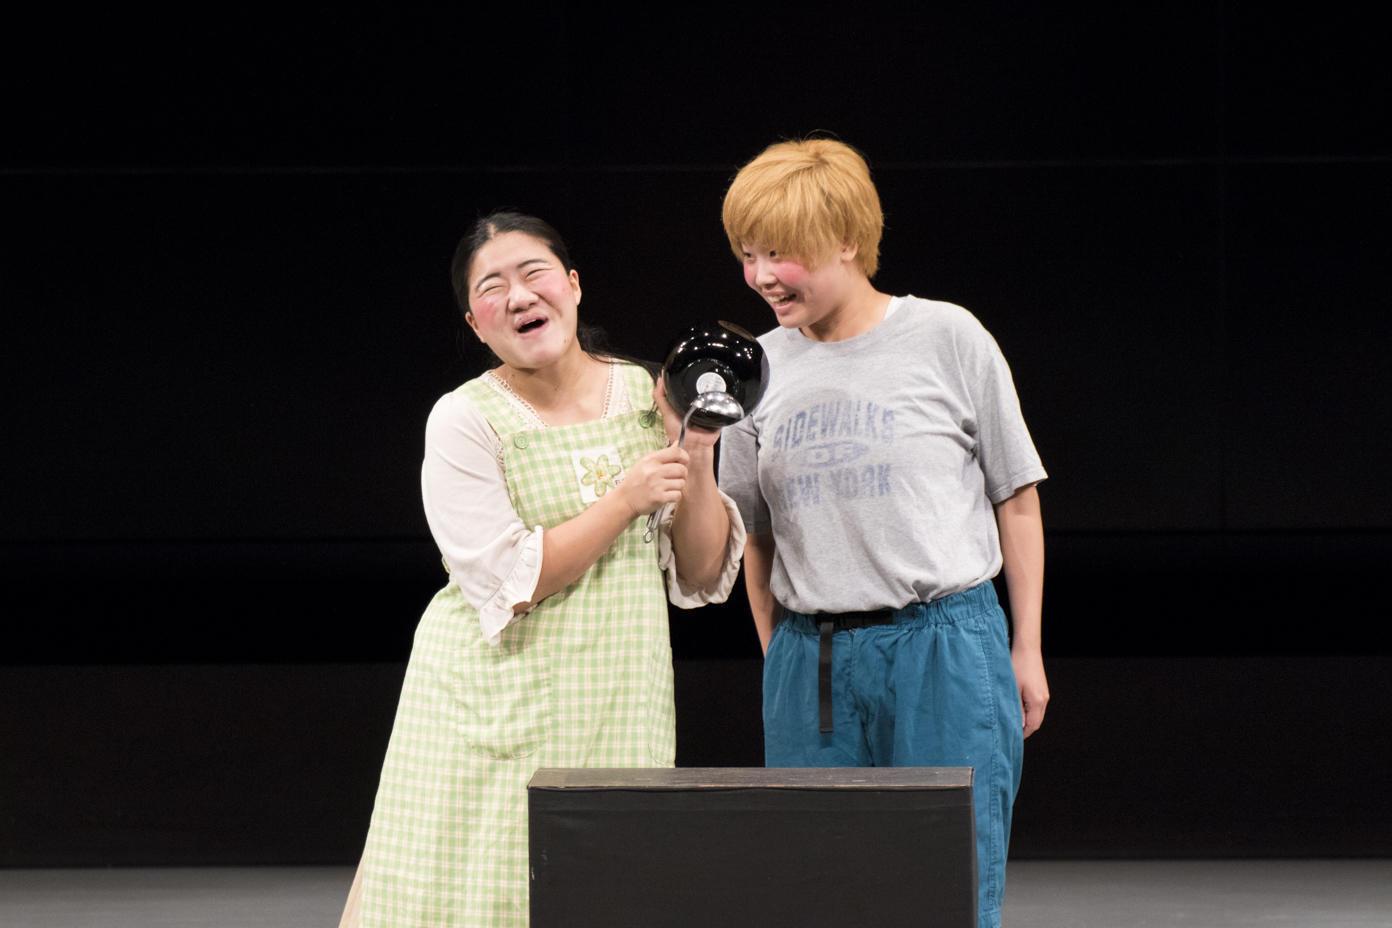 http://news.yoshimoto.co.jp/20170907215813-0c14c15f321c100f8c0b3ae897eb8cbf6f35c56d.jpg